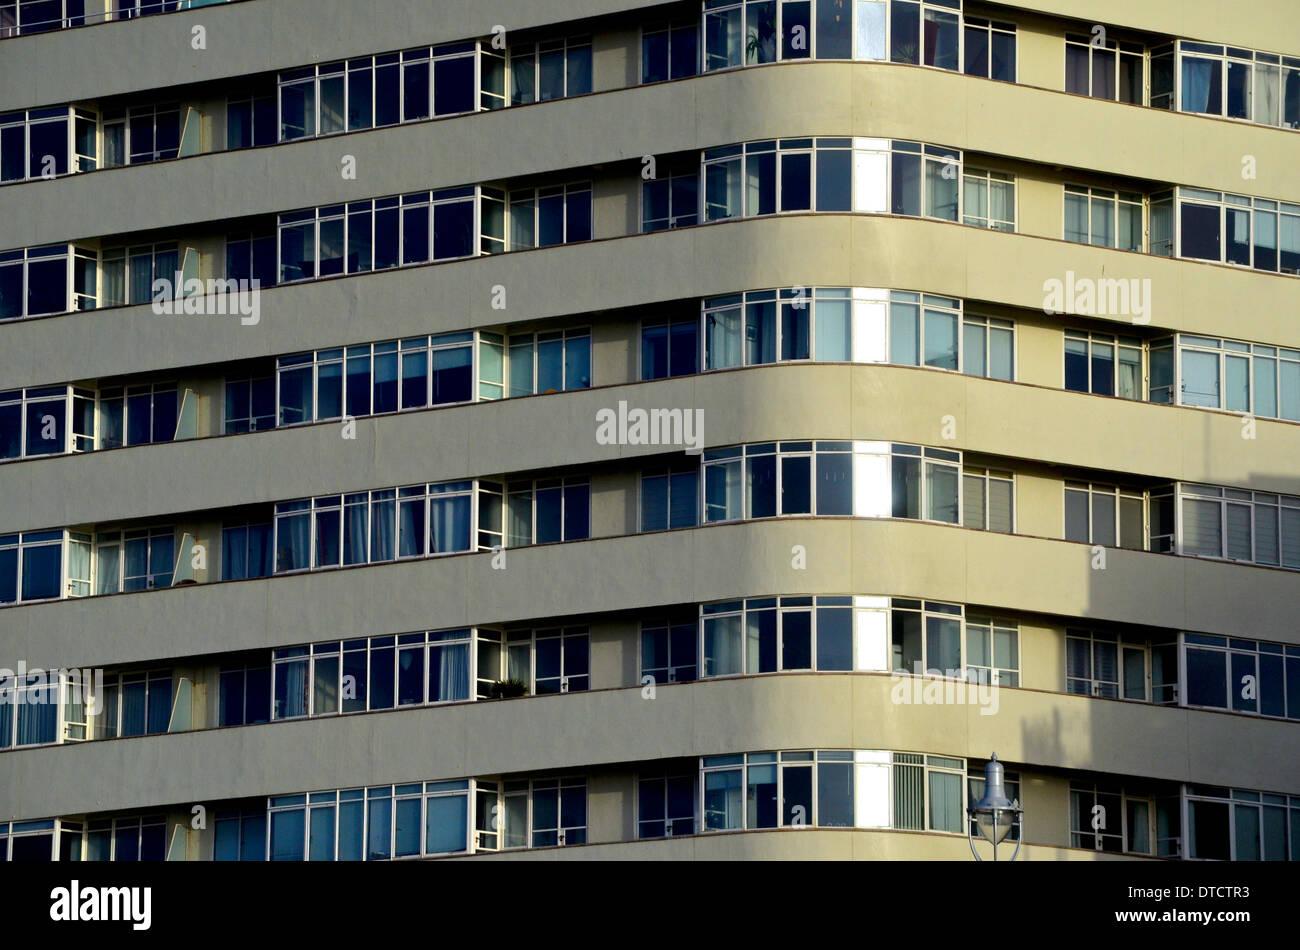 Corte de la embajada hove brighton pozos arquitecto modernista de coates brutalist pisos apartamentos ventanas doble Foto de stock